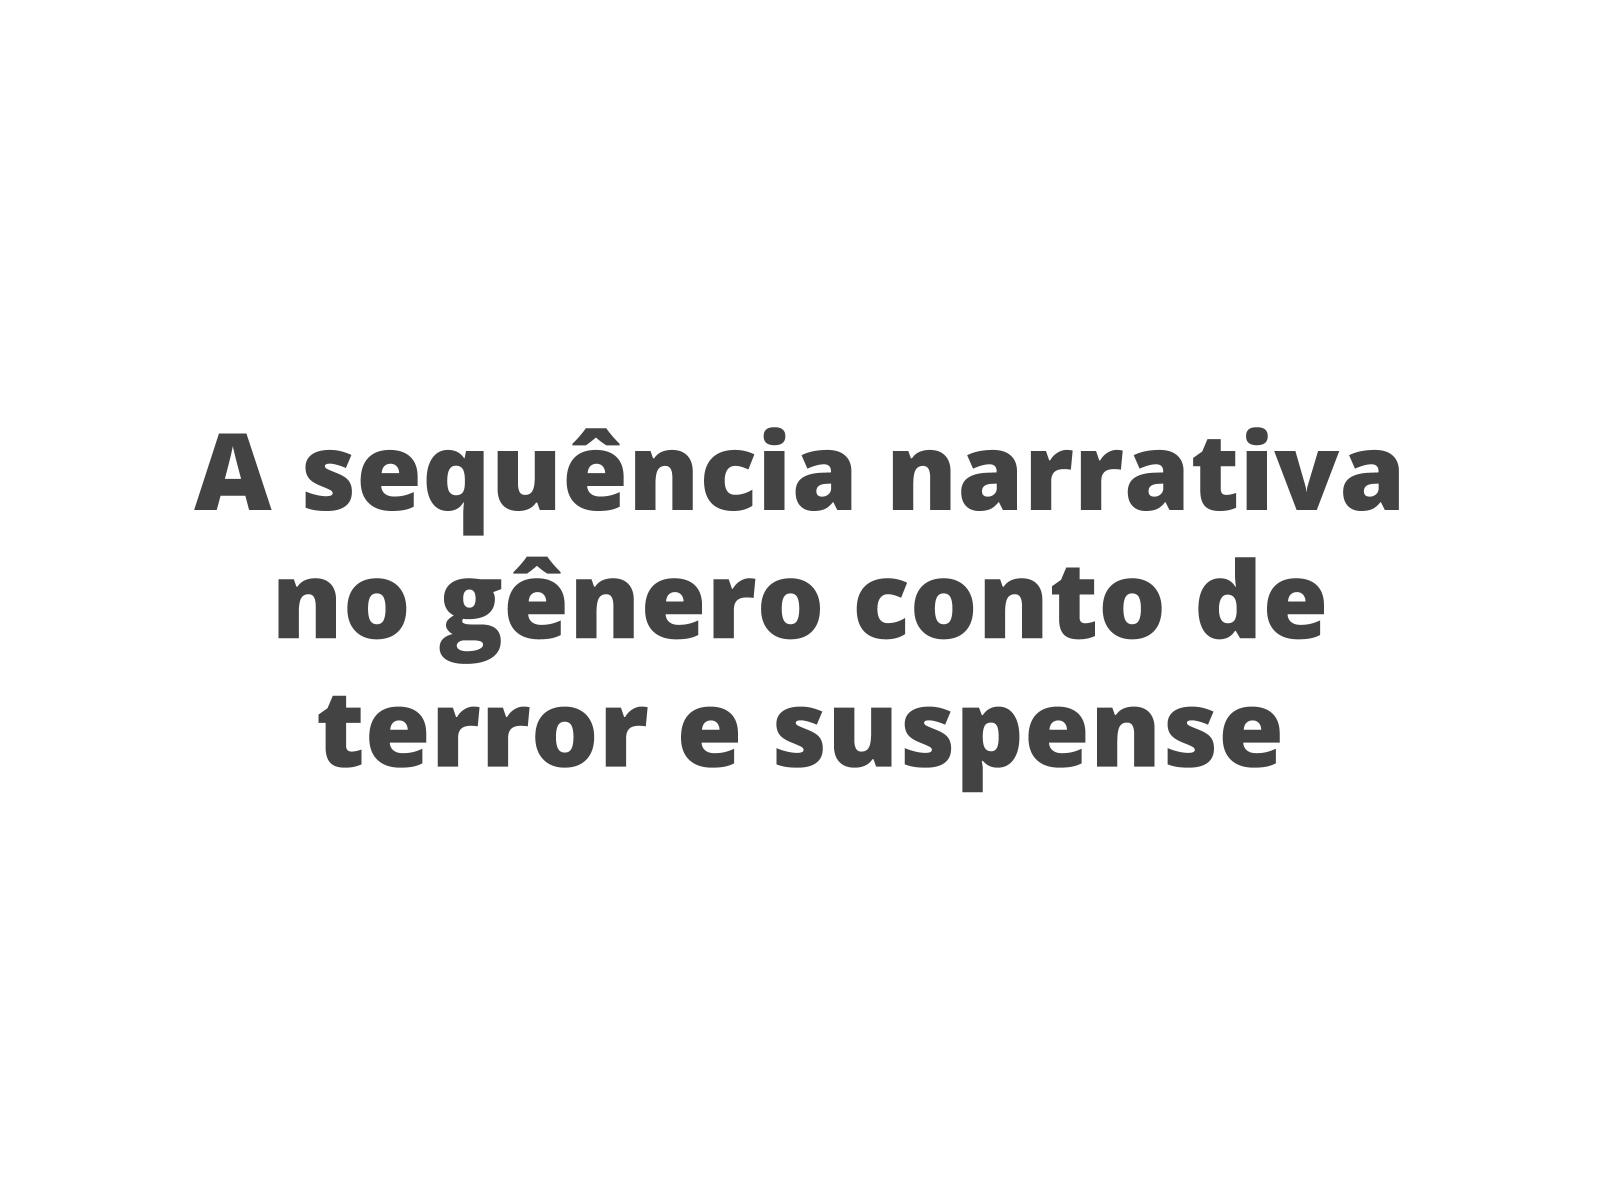 Introdução à sequência narrativa no gênero conto de terror e suspense